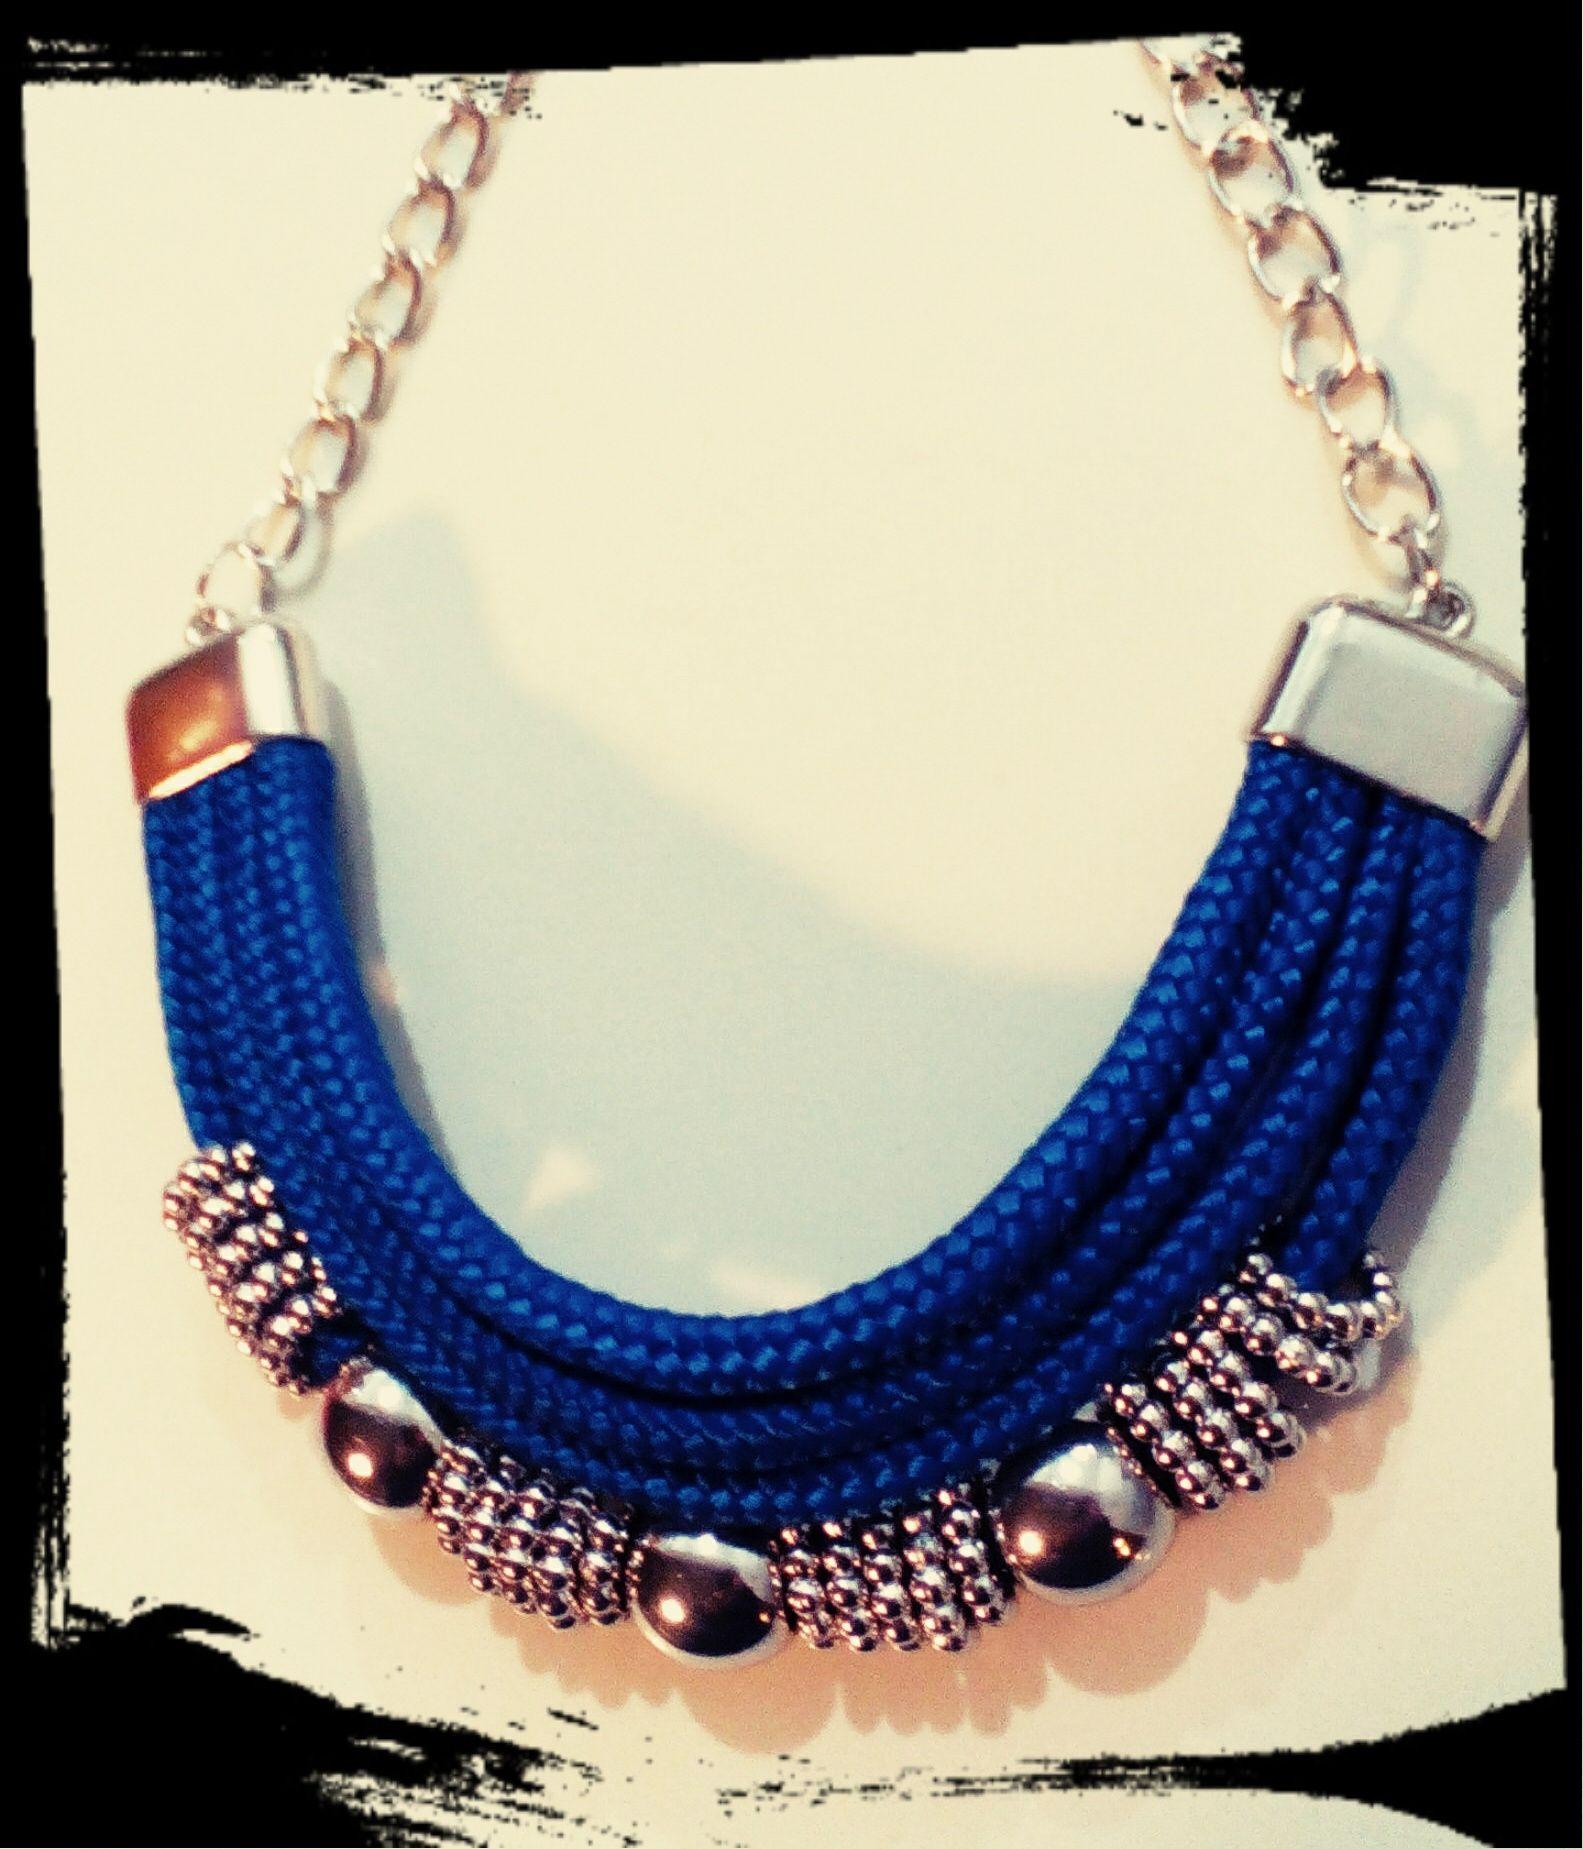 8b25cdfd5 Collar gargantilla soga azul eléctrico con cadena y accesorios en plateado